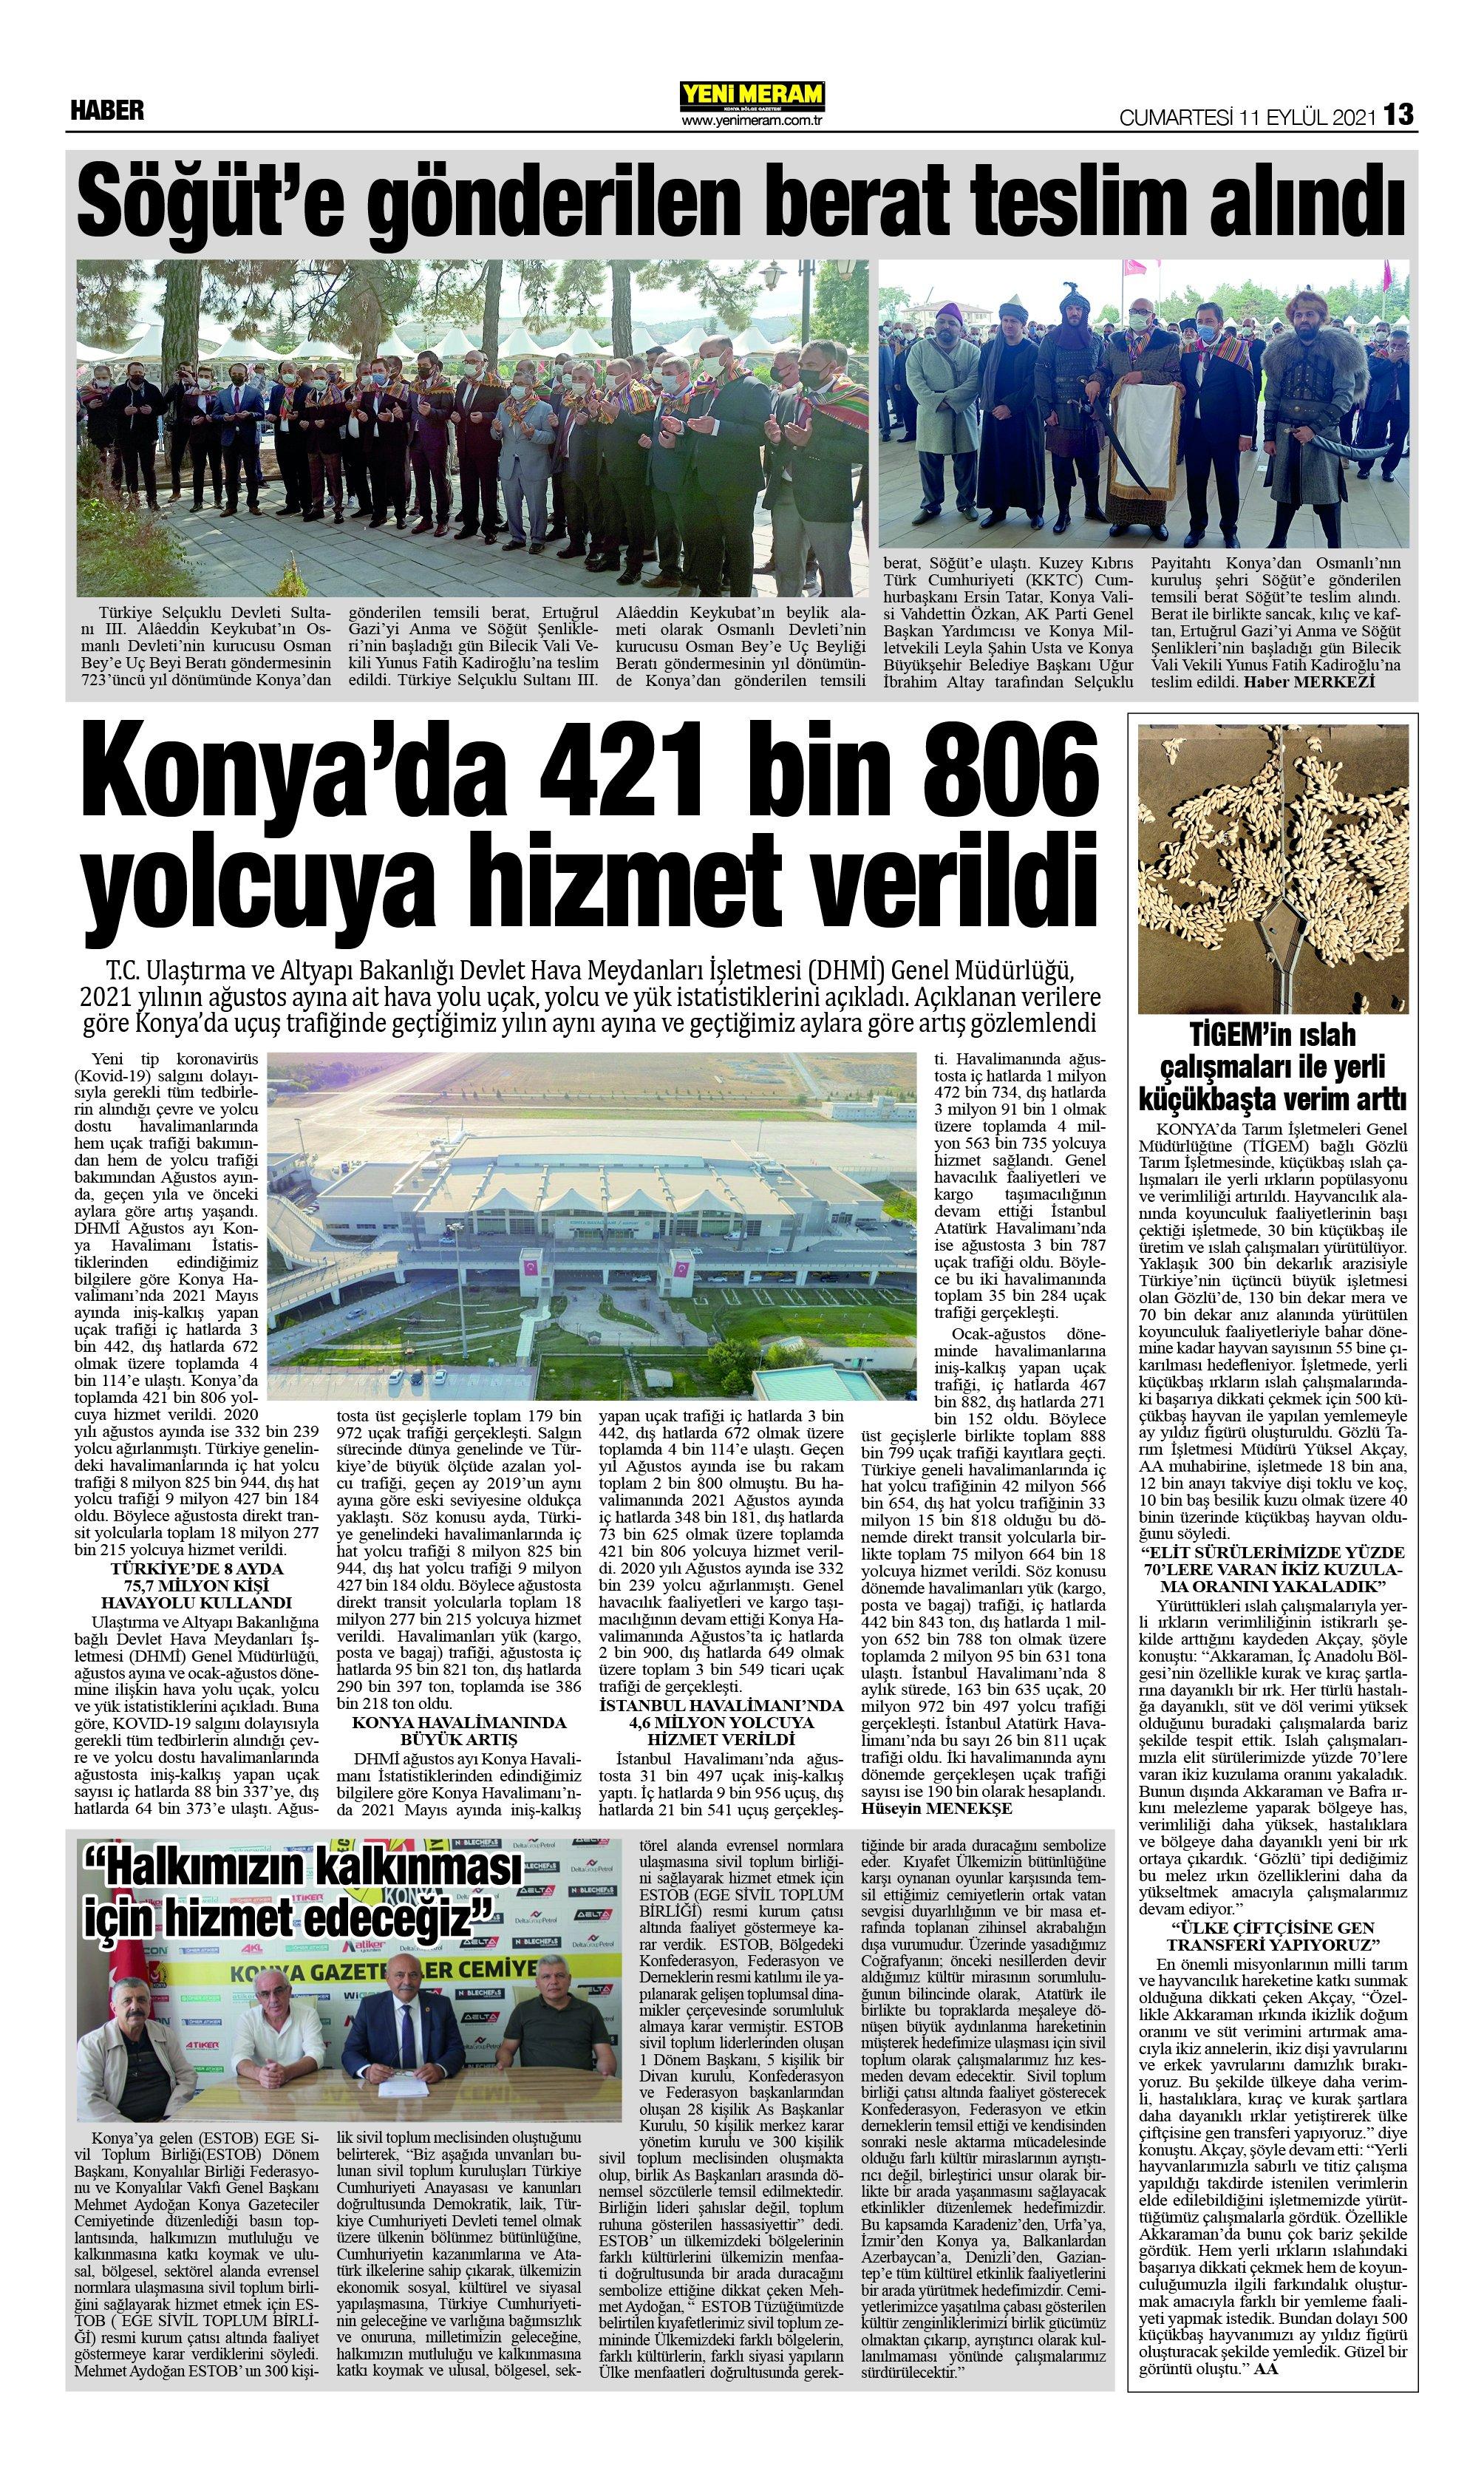 11 Eylül 2021 Yeni Meram Gazetesi